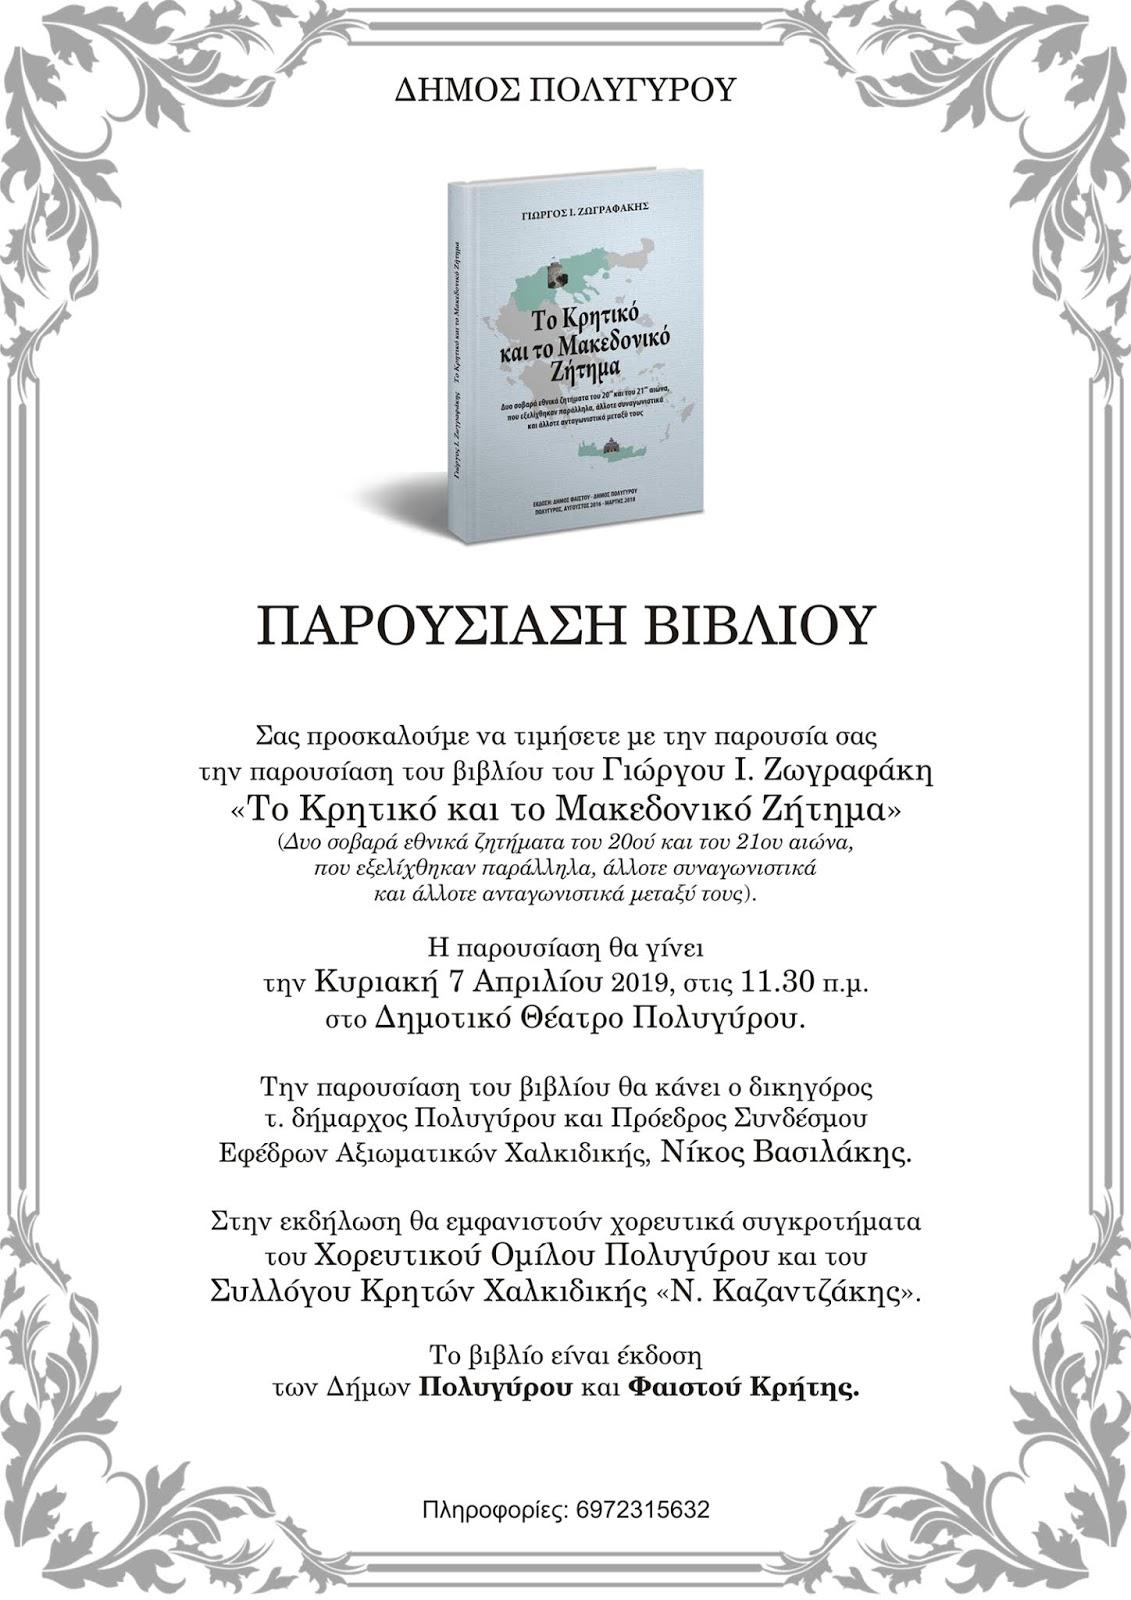 Παρουσίαση βιβλίου Γ. Ζωγραφάκη «Το Κρητικό και το Μακεδονικό Ζήτημα»